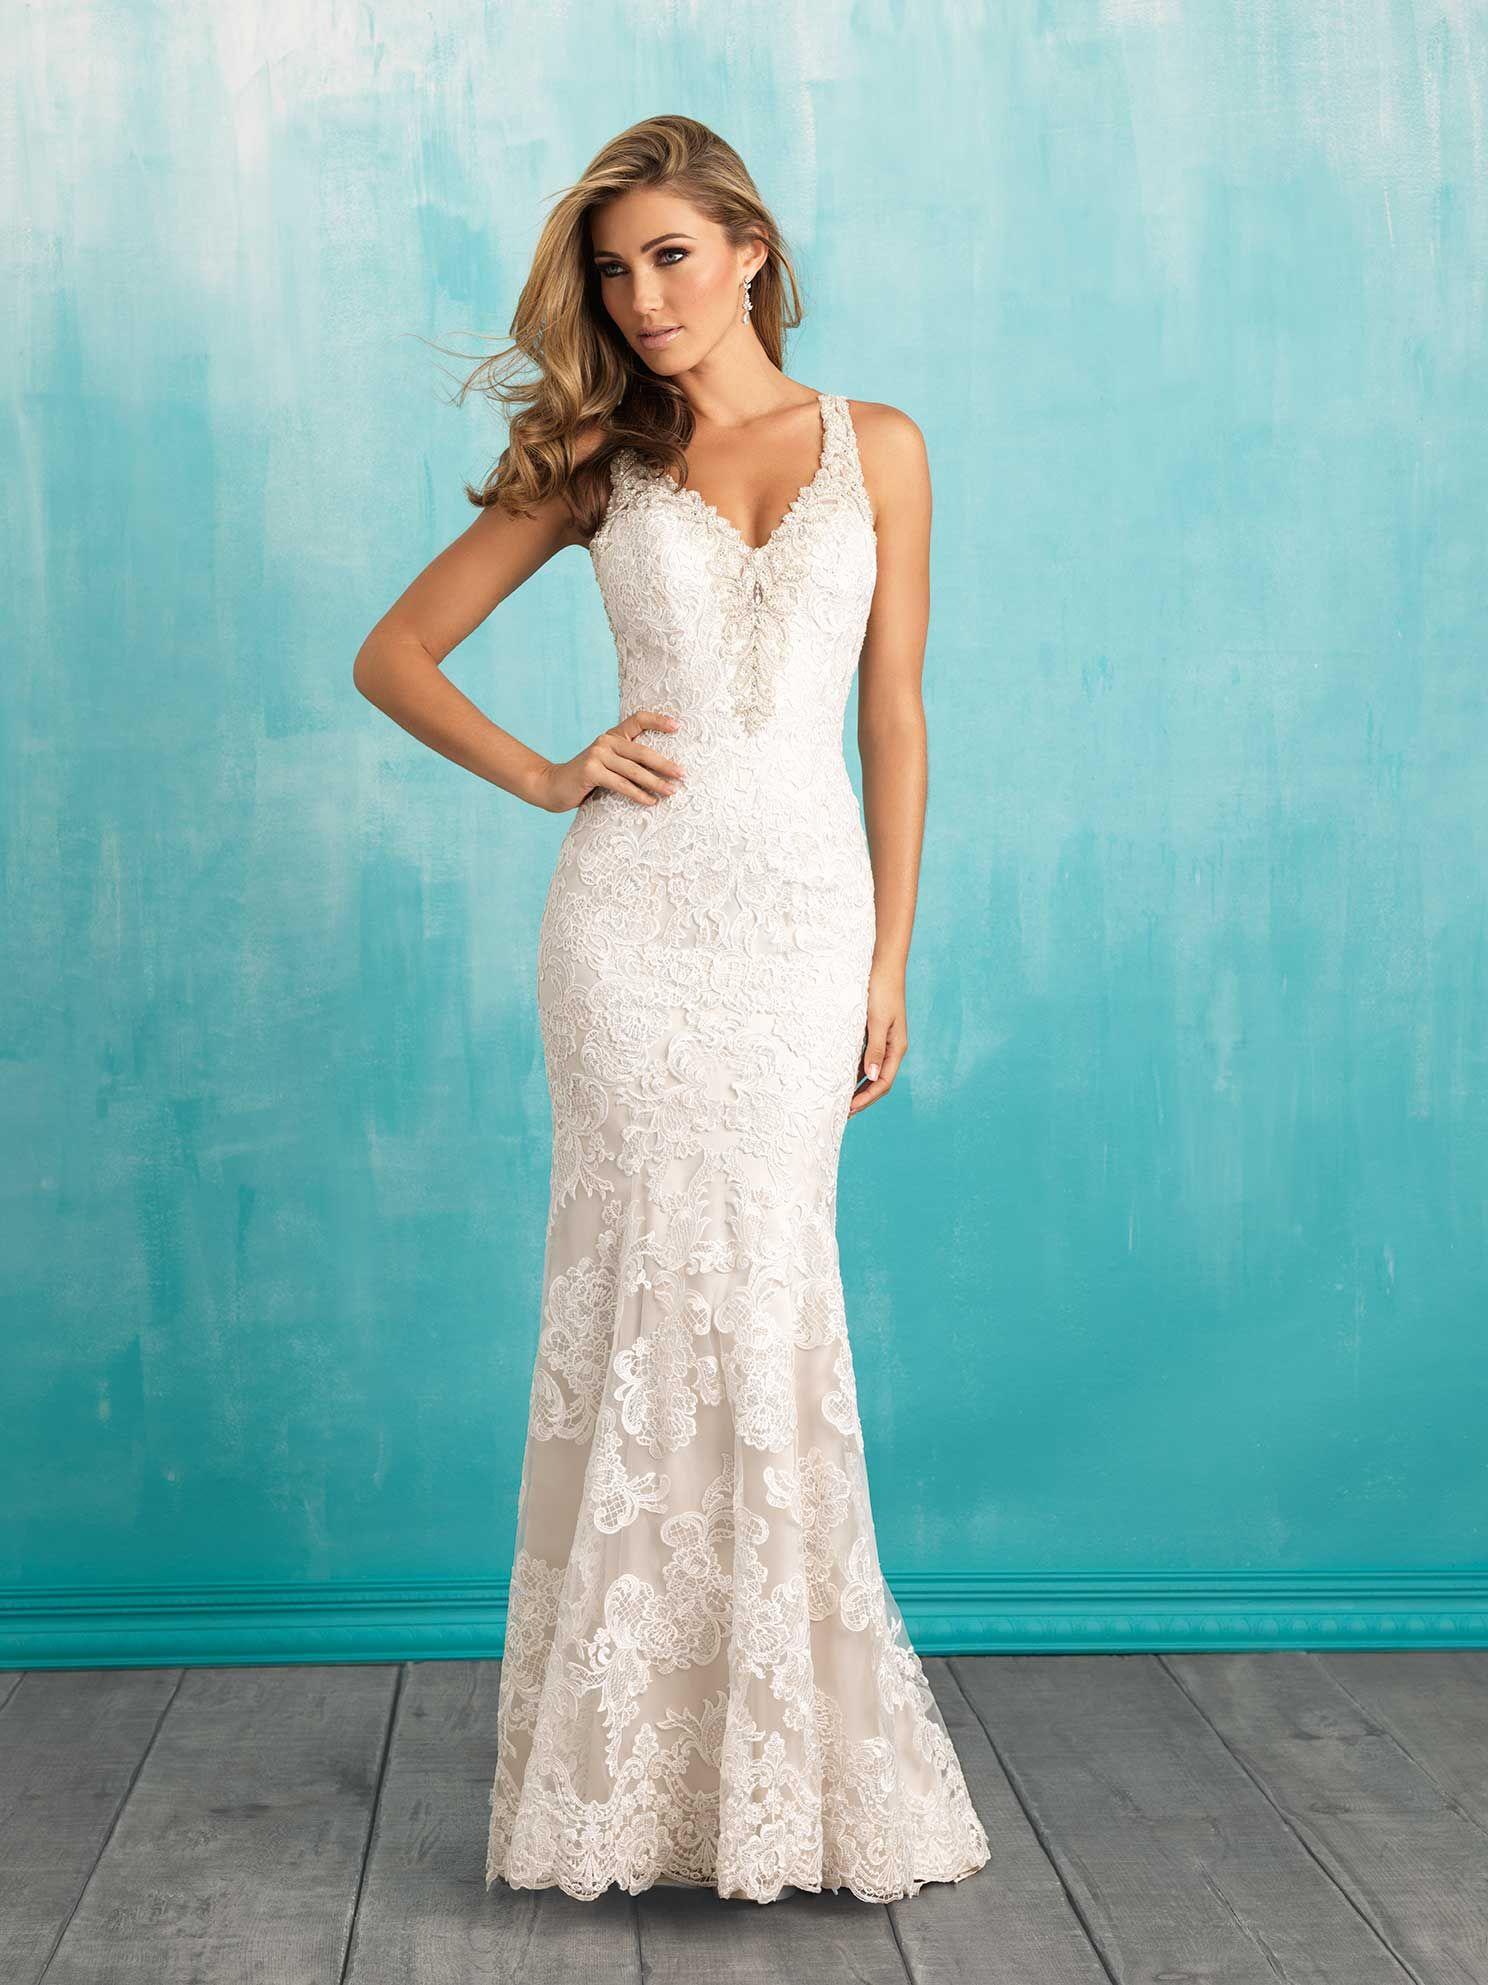 thumbnail | Katie | Pinterest | Encaje de boda, Vestidos de novia ...